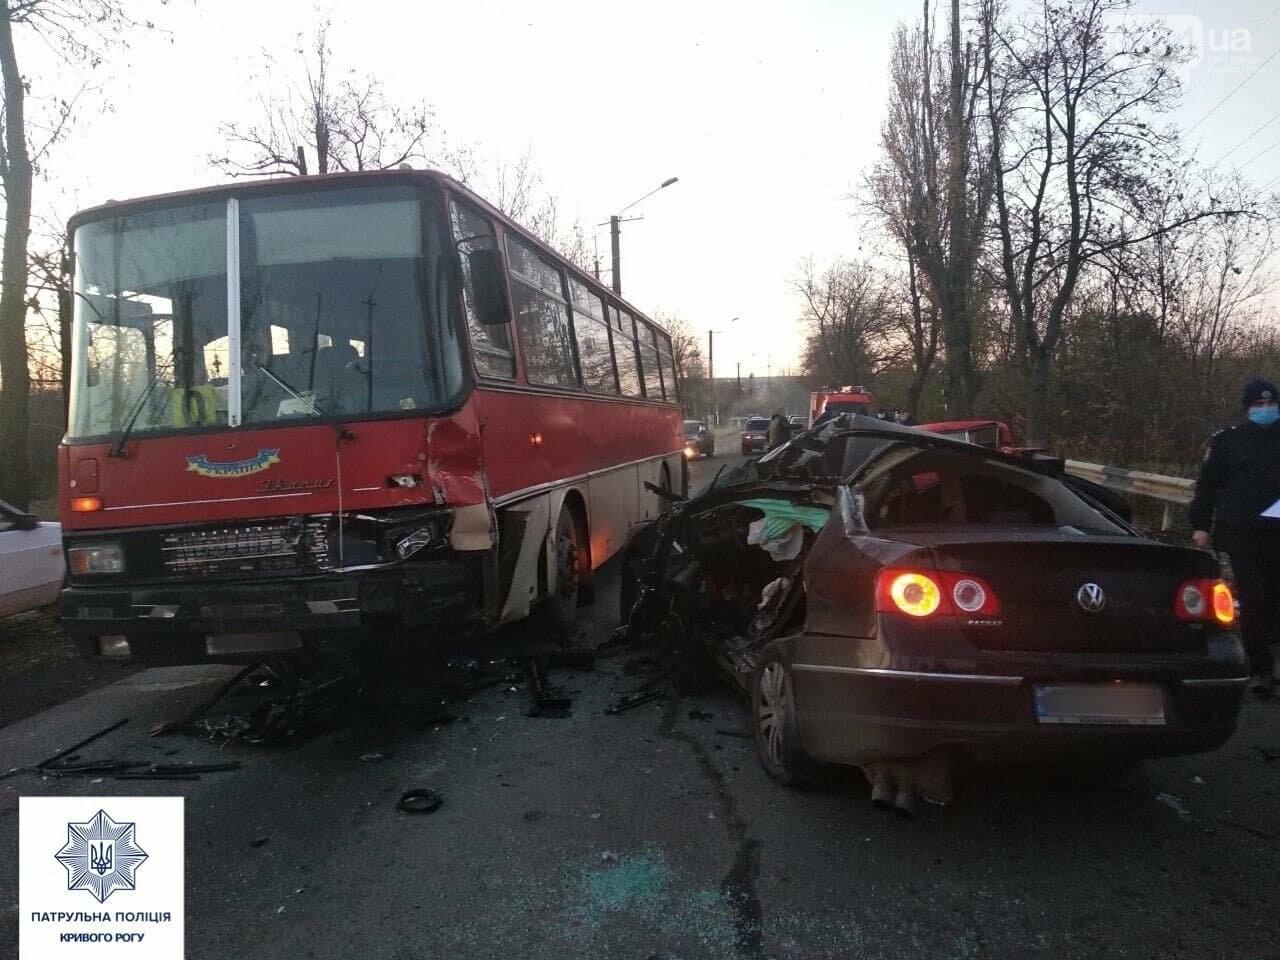 Volkswagen не выбрал безопасную скорость, - в полиции уточнили обстоятельства смертельного ДТП в Кривом Роге, - ФОТО, фото-1